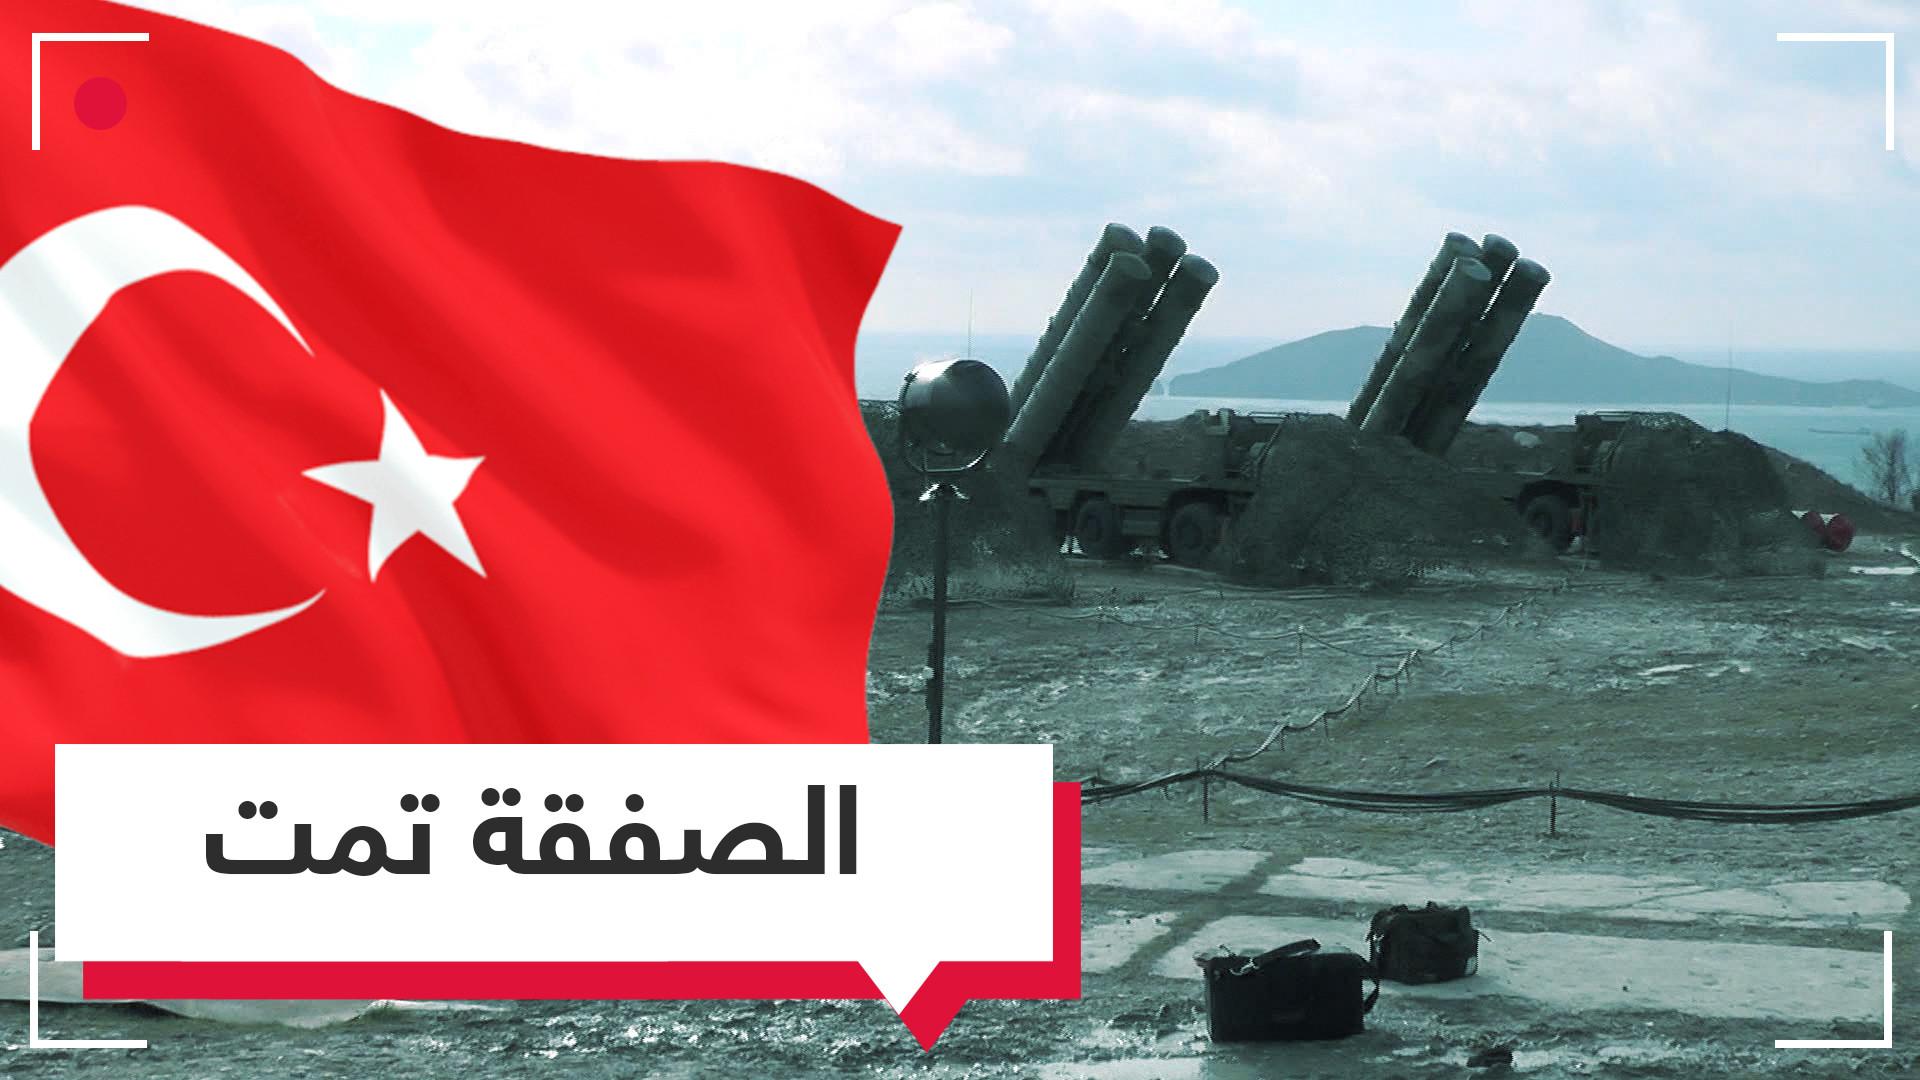 بعد تصريحات وزير الدفاع التركي.. هل ستغامر أنقرة بإغضاب واشنطن بسبب صفقة S400؟